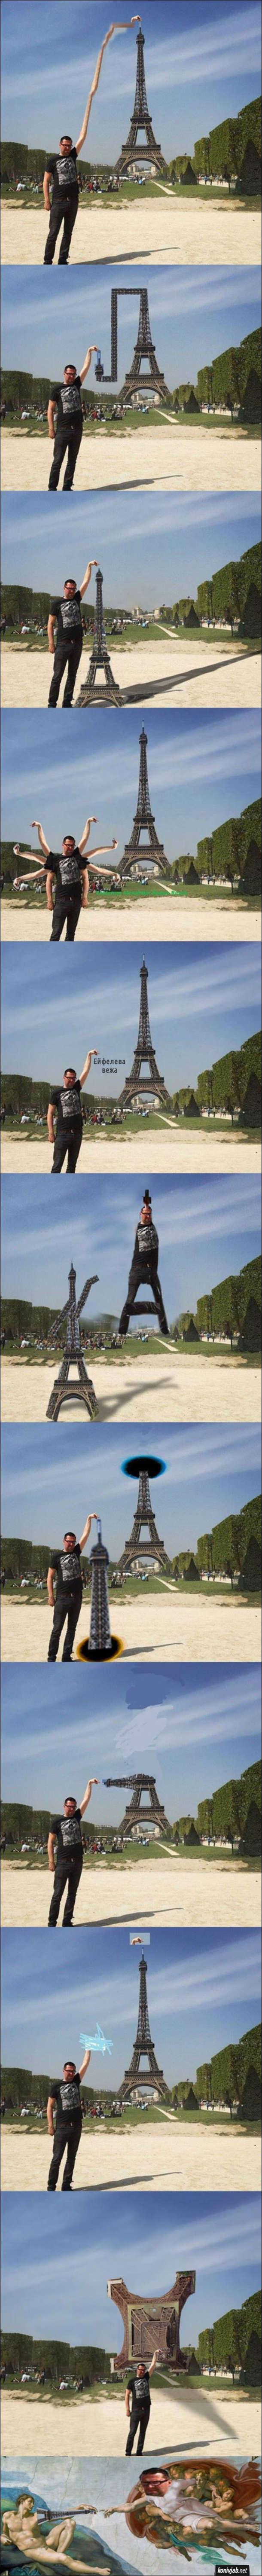 Photoshop-батл. Чоловік на тлі Ейфелевої вежі